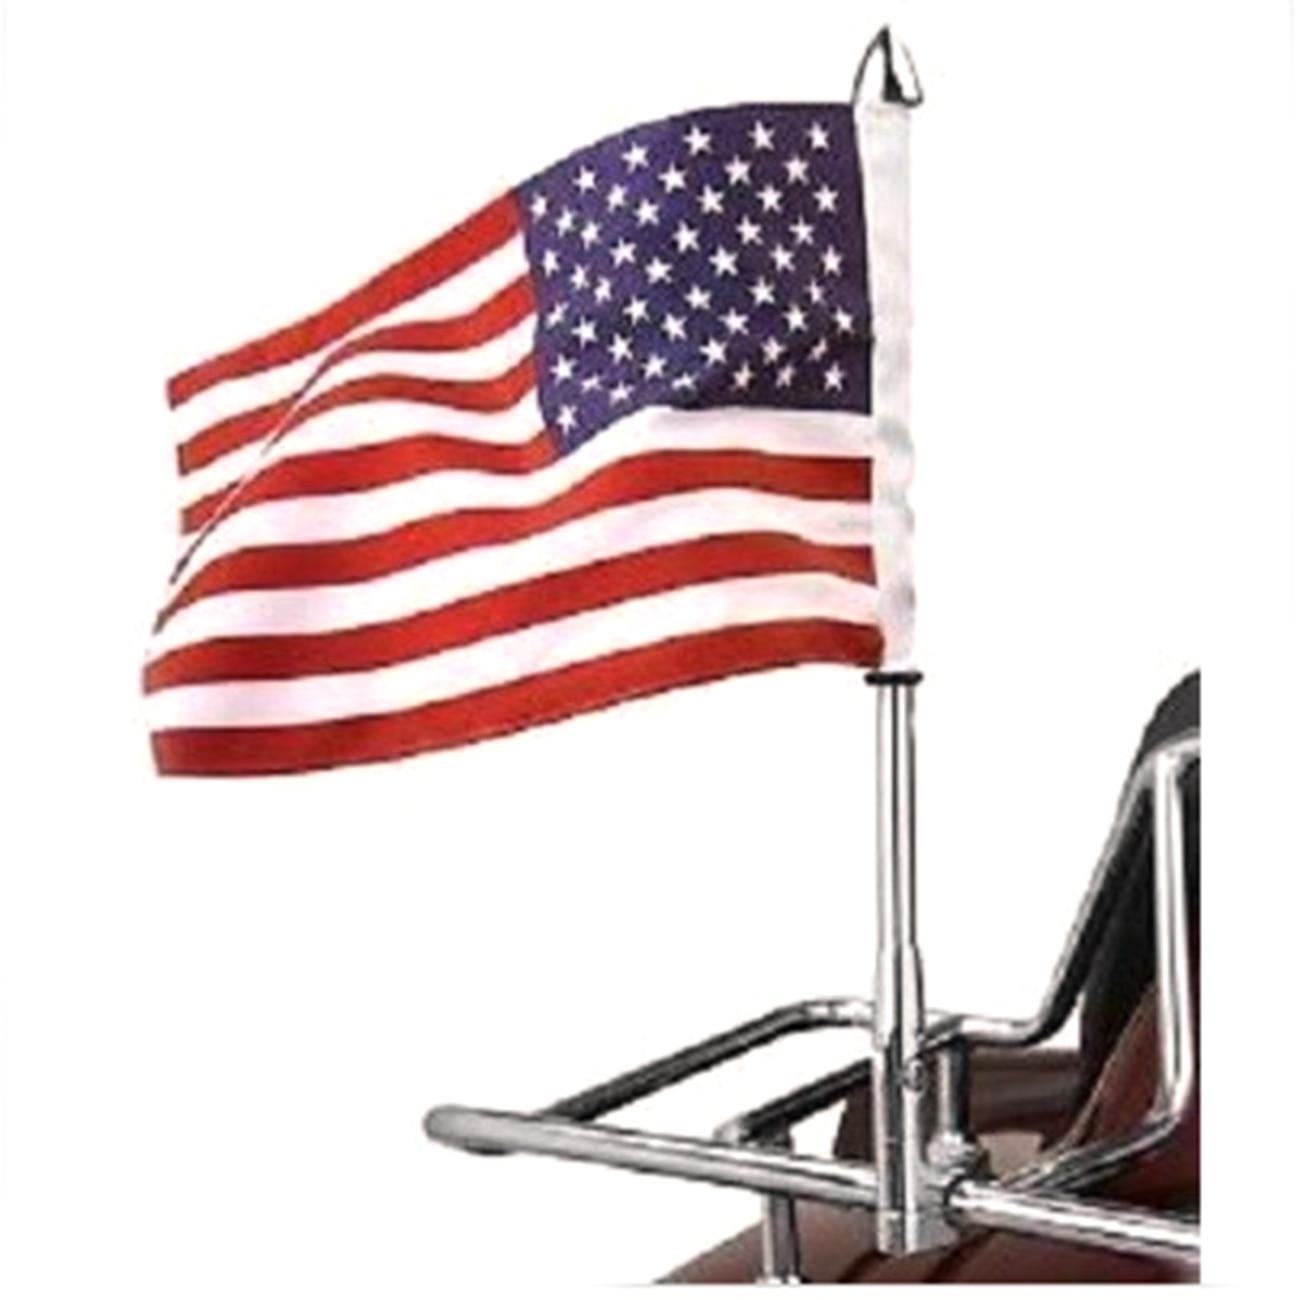 Berühmt Amerikanische Flagge Farbung Seite Fotos - Malvorlagen-Ideen ...